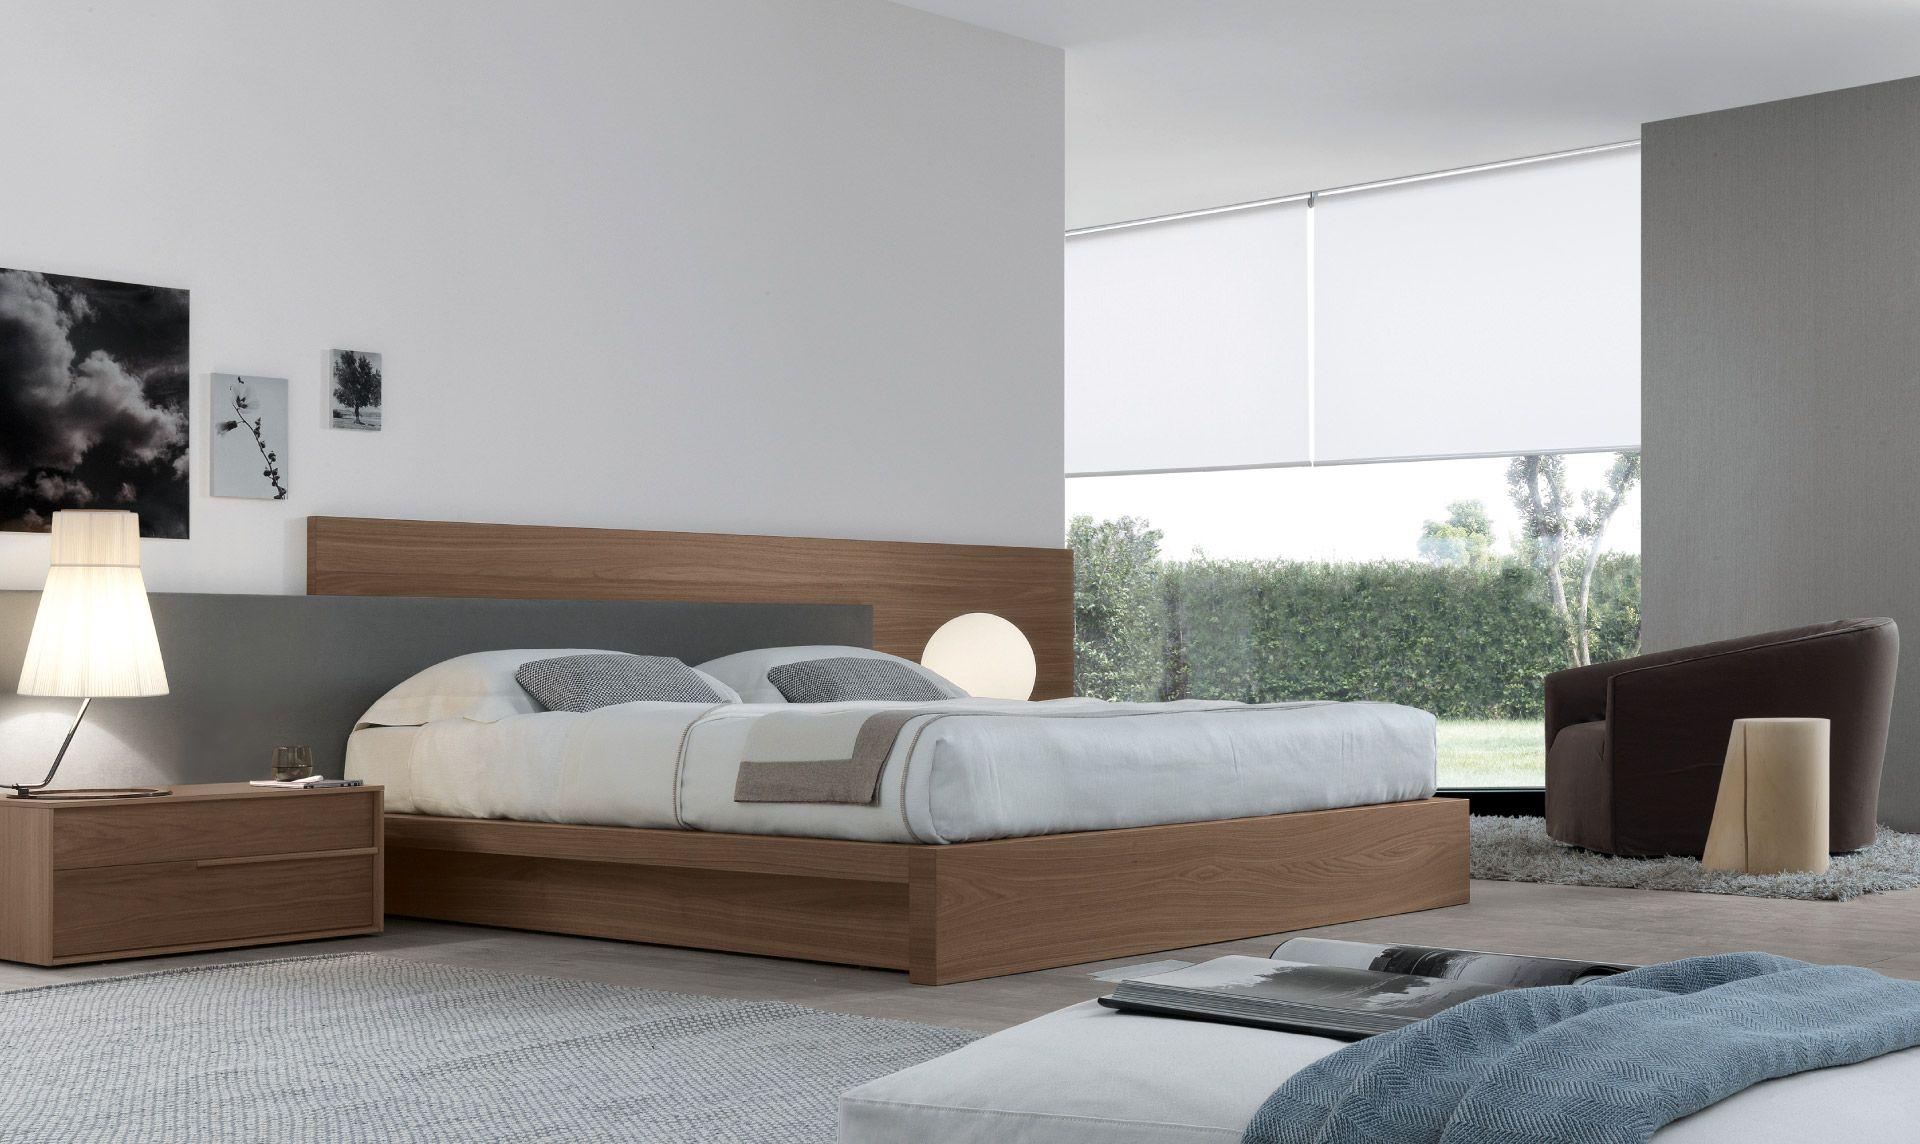 Jesse mobili arredamento design letti mylove jesse zona notte pinterest bed - Femmine da letto ...